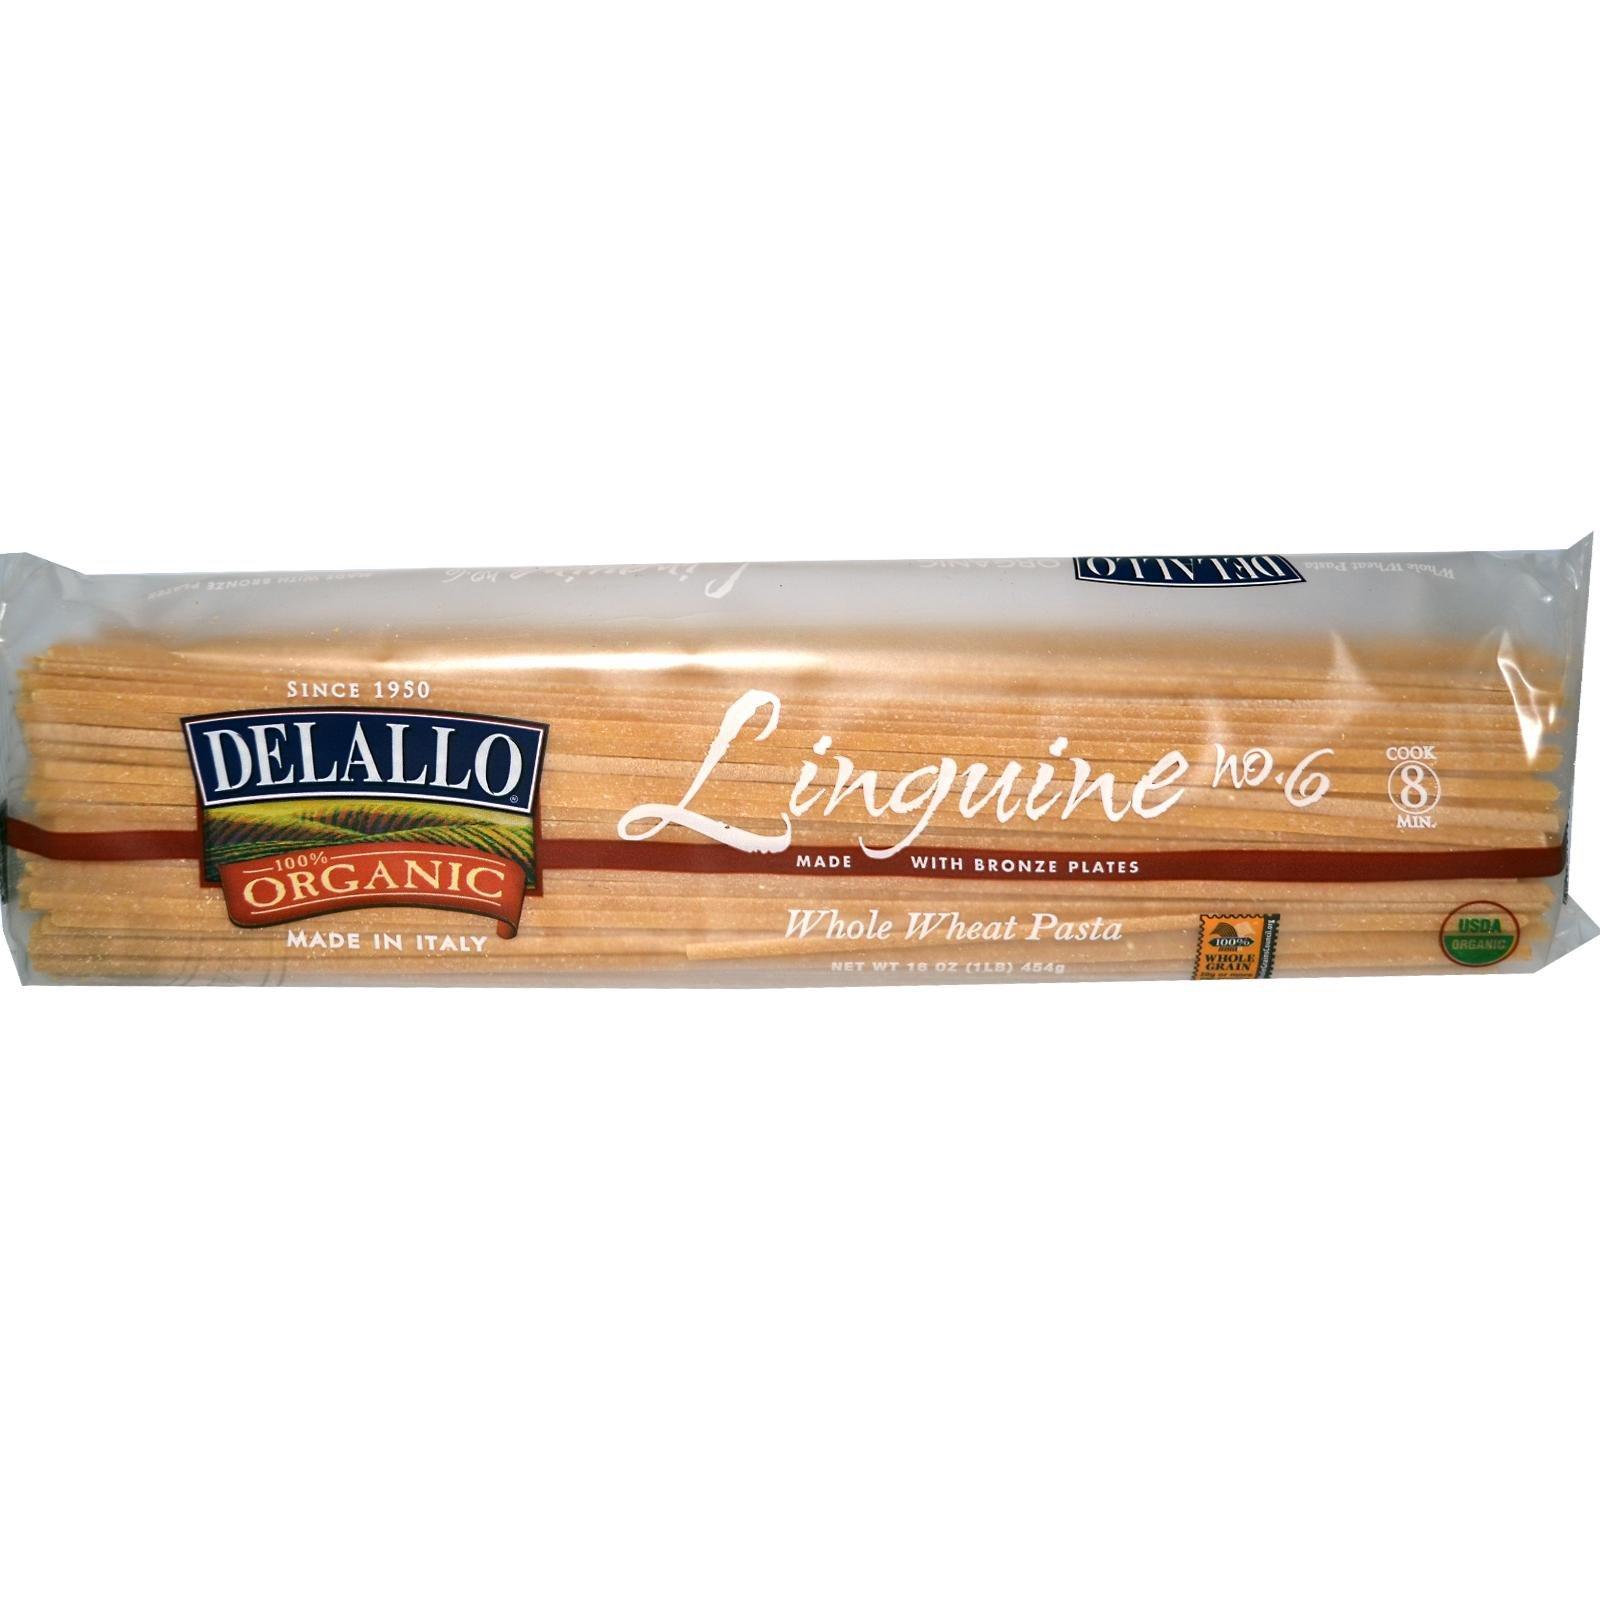 Delallo Organic Linguine Pasta #6 -- 1 lb